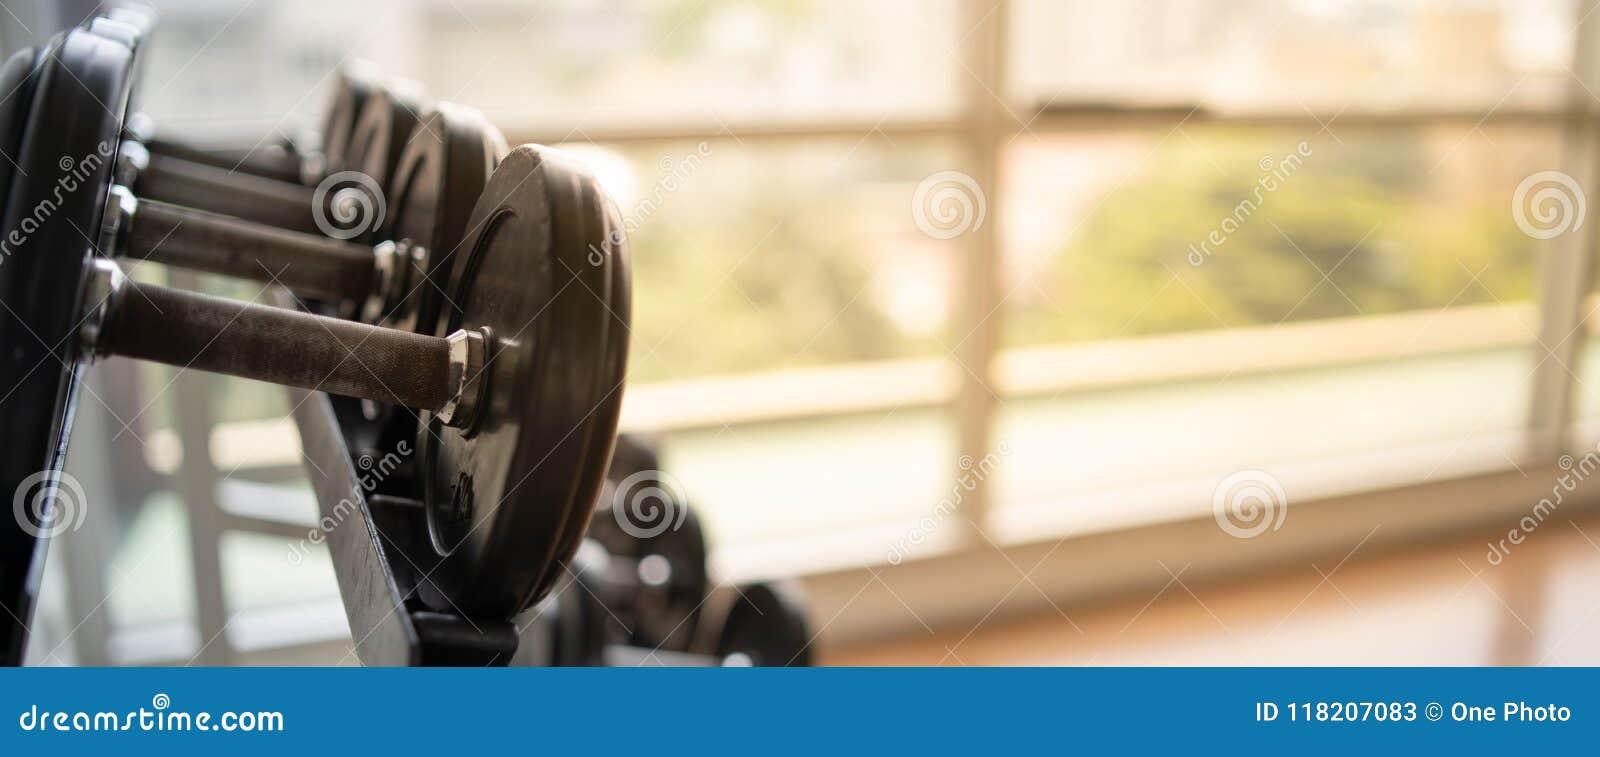 弄脏健身背景直播锻炼的co健身房横幅健身奶美女大图片